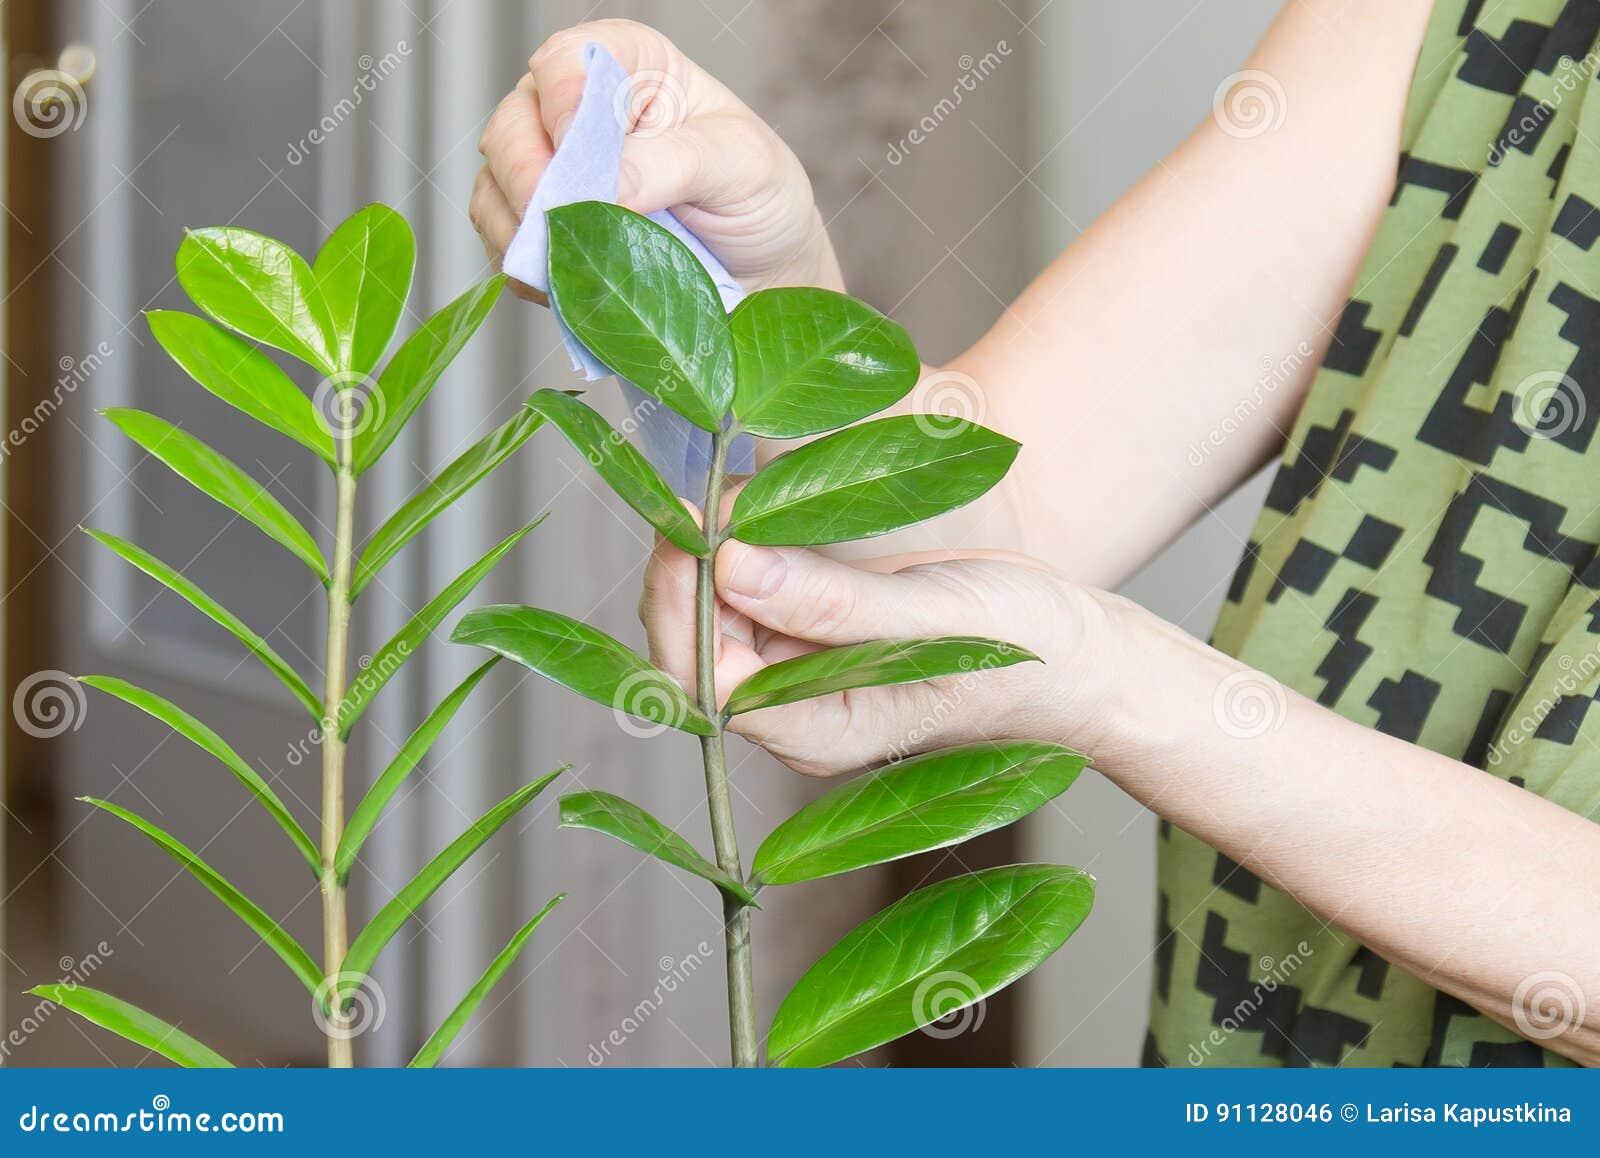 Les mains femelles prenant soin des fleurs d intérieur à sa maison essuyant la poussière du s d usine part